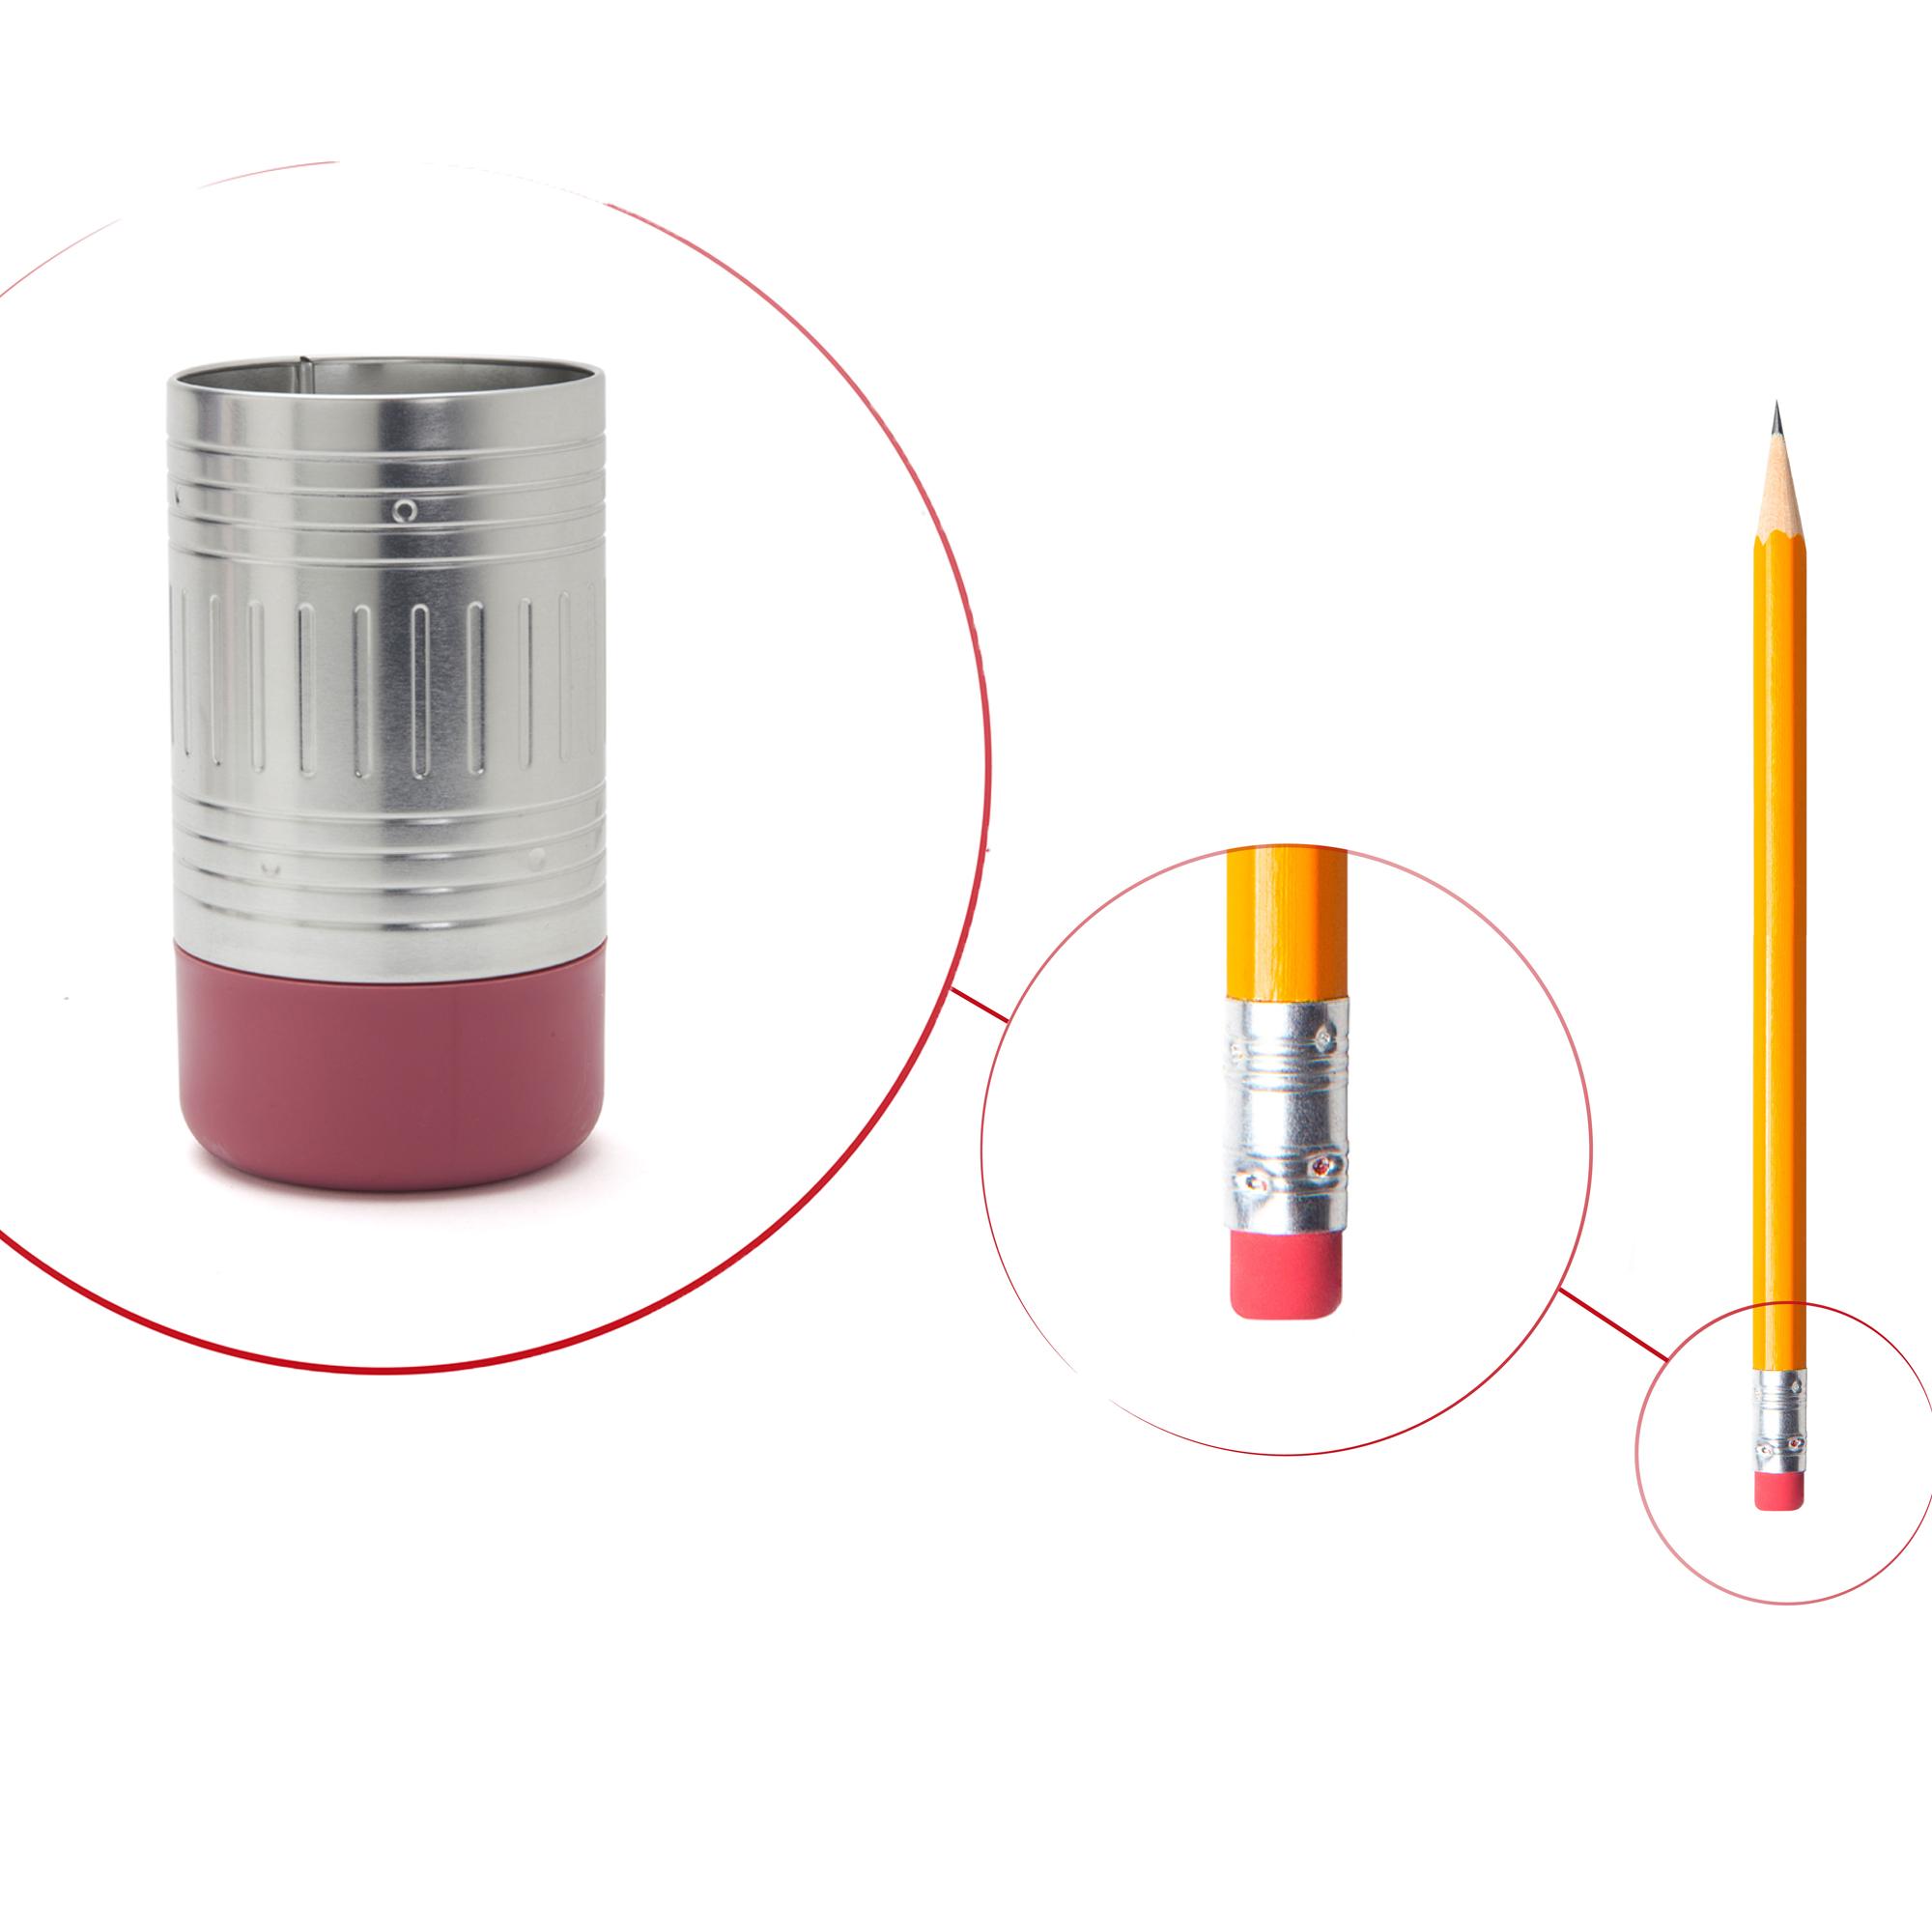 סוף העיפרון - כוס לציוד משרדי